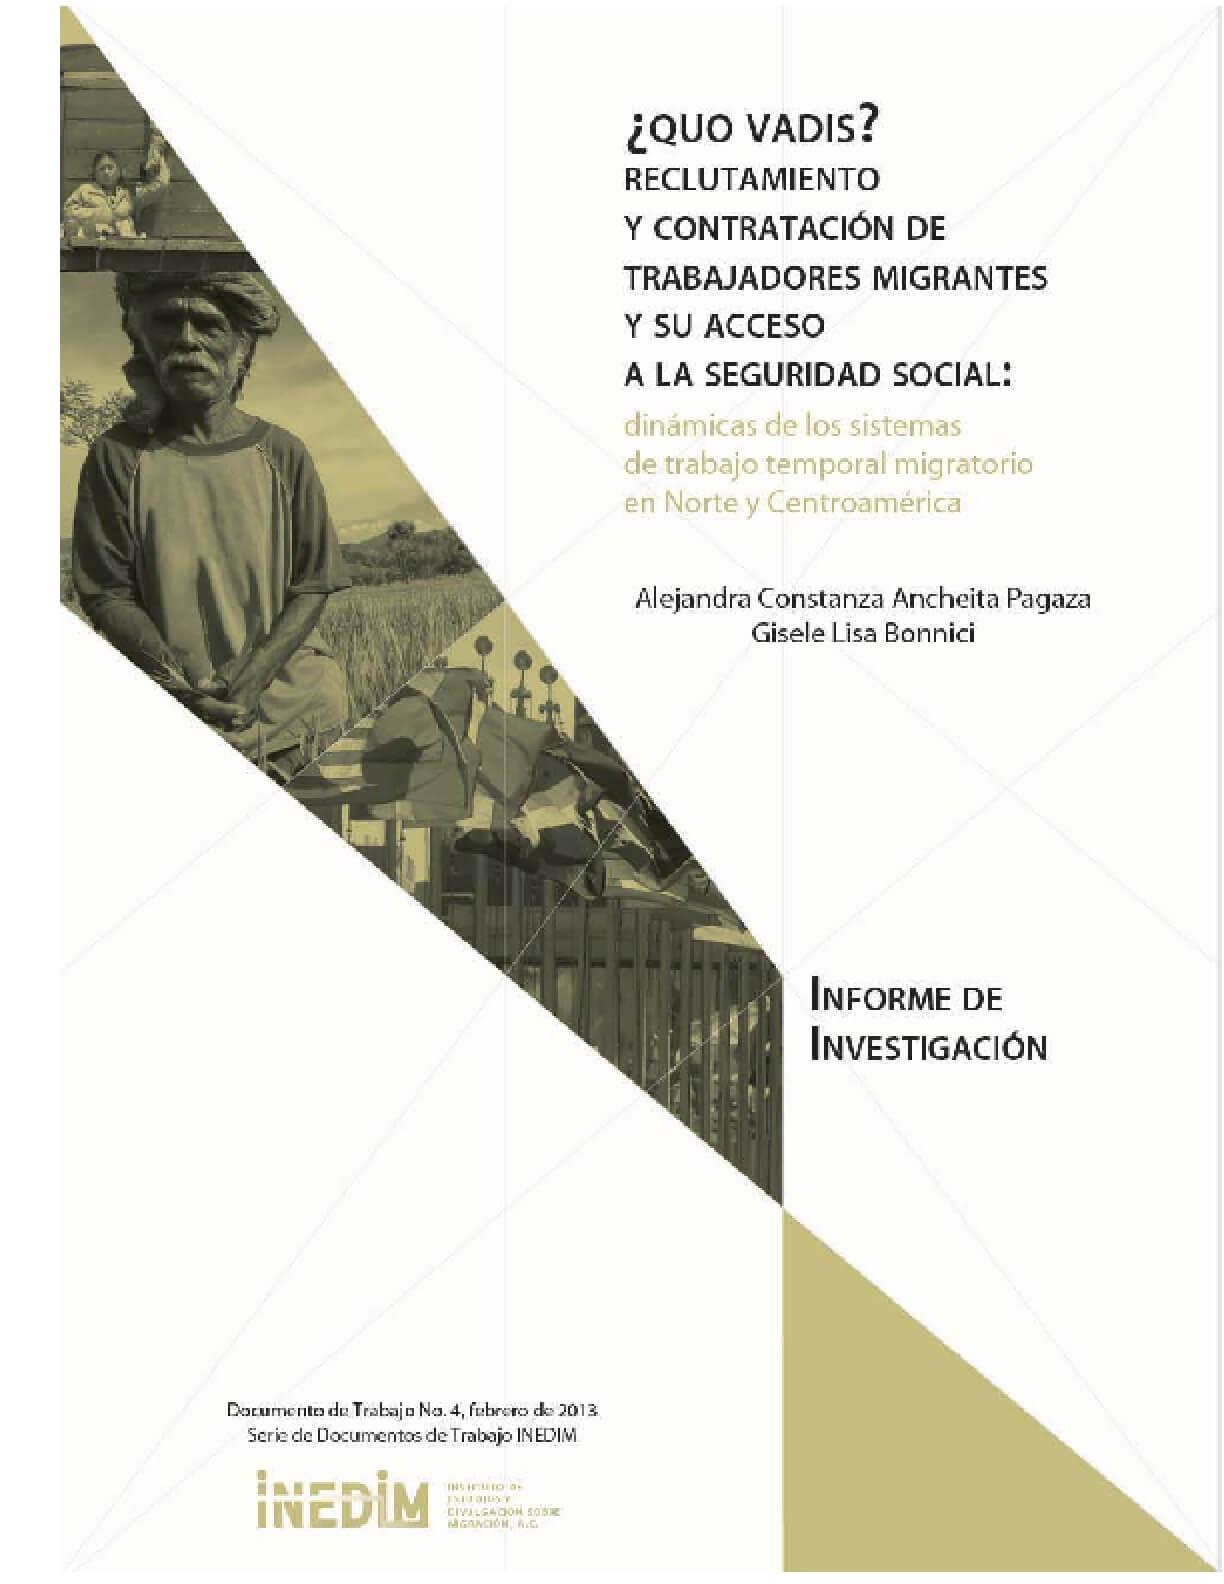 ¿Quo Vadis? Reclutamiento y Contratacion de Trabajadores Migrantes y su Acceso a la Seguridad Social: dinamicas de los sistemas de trabajo temporal migratorio en Norte y Centroamerica